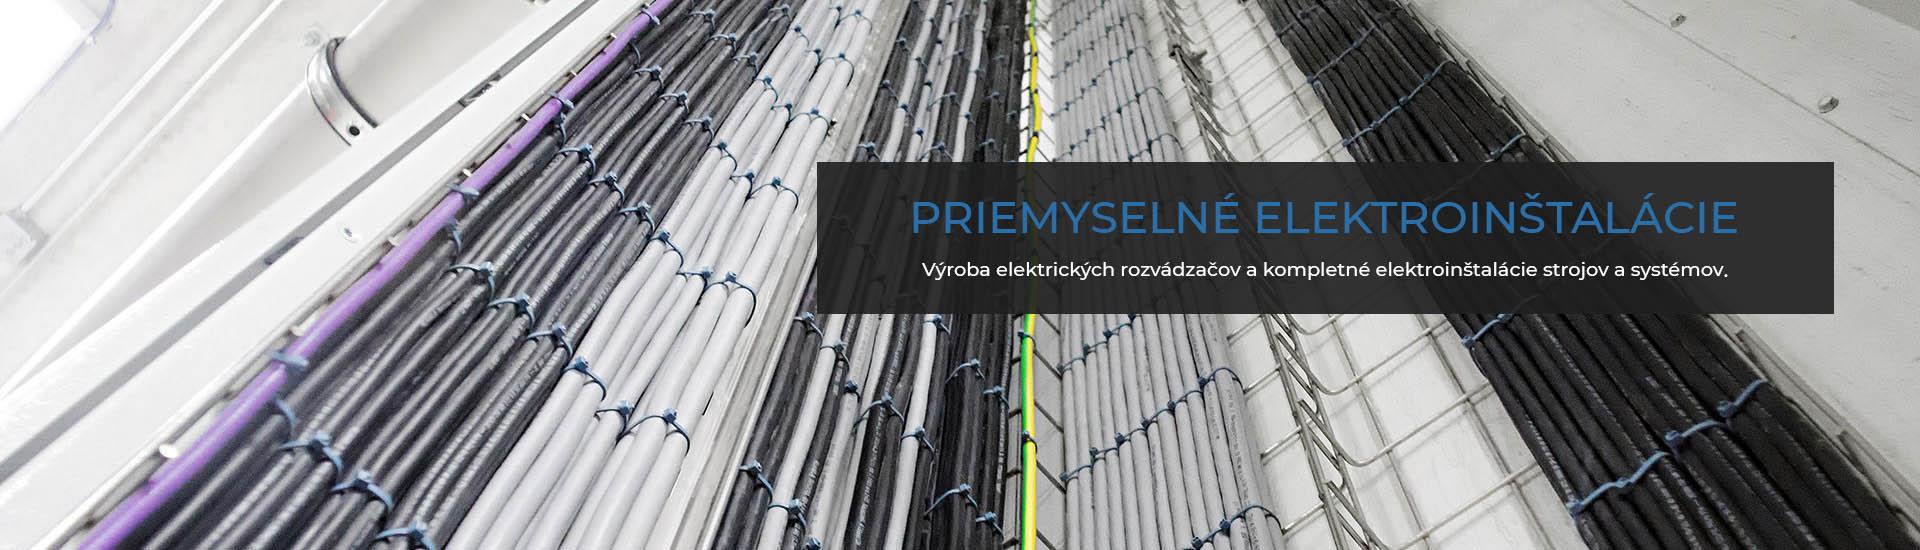 Priemyselné elektroinštalácie | Proindustry.sk